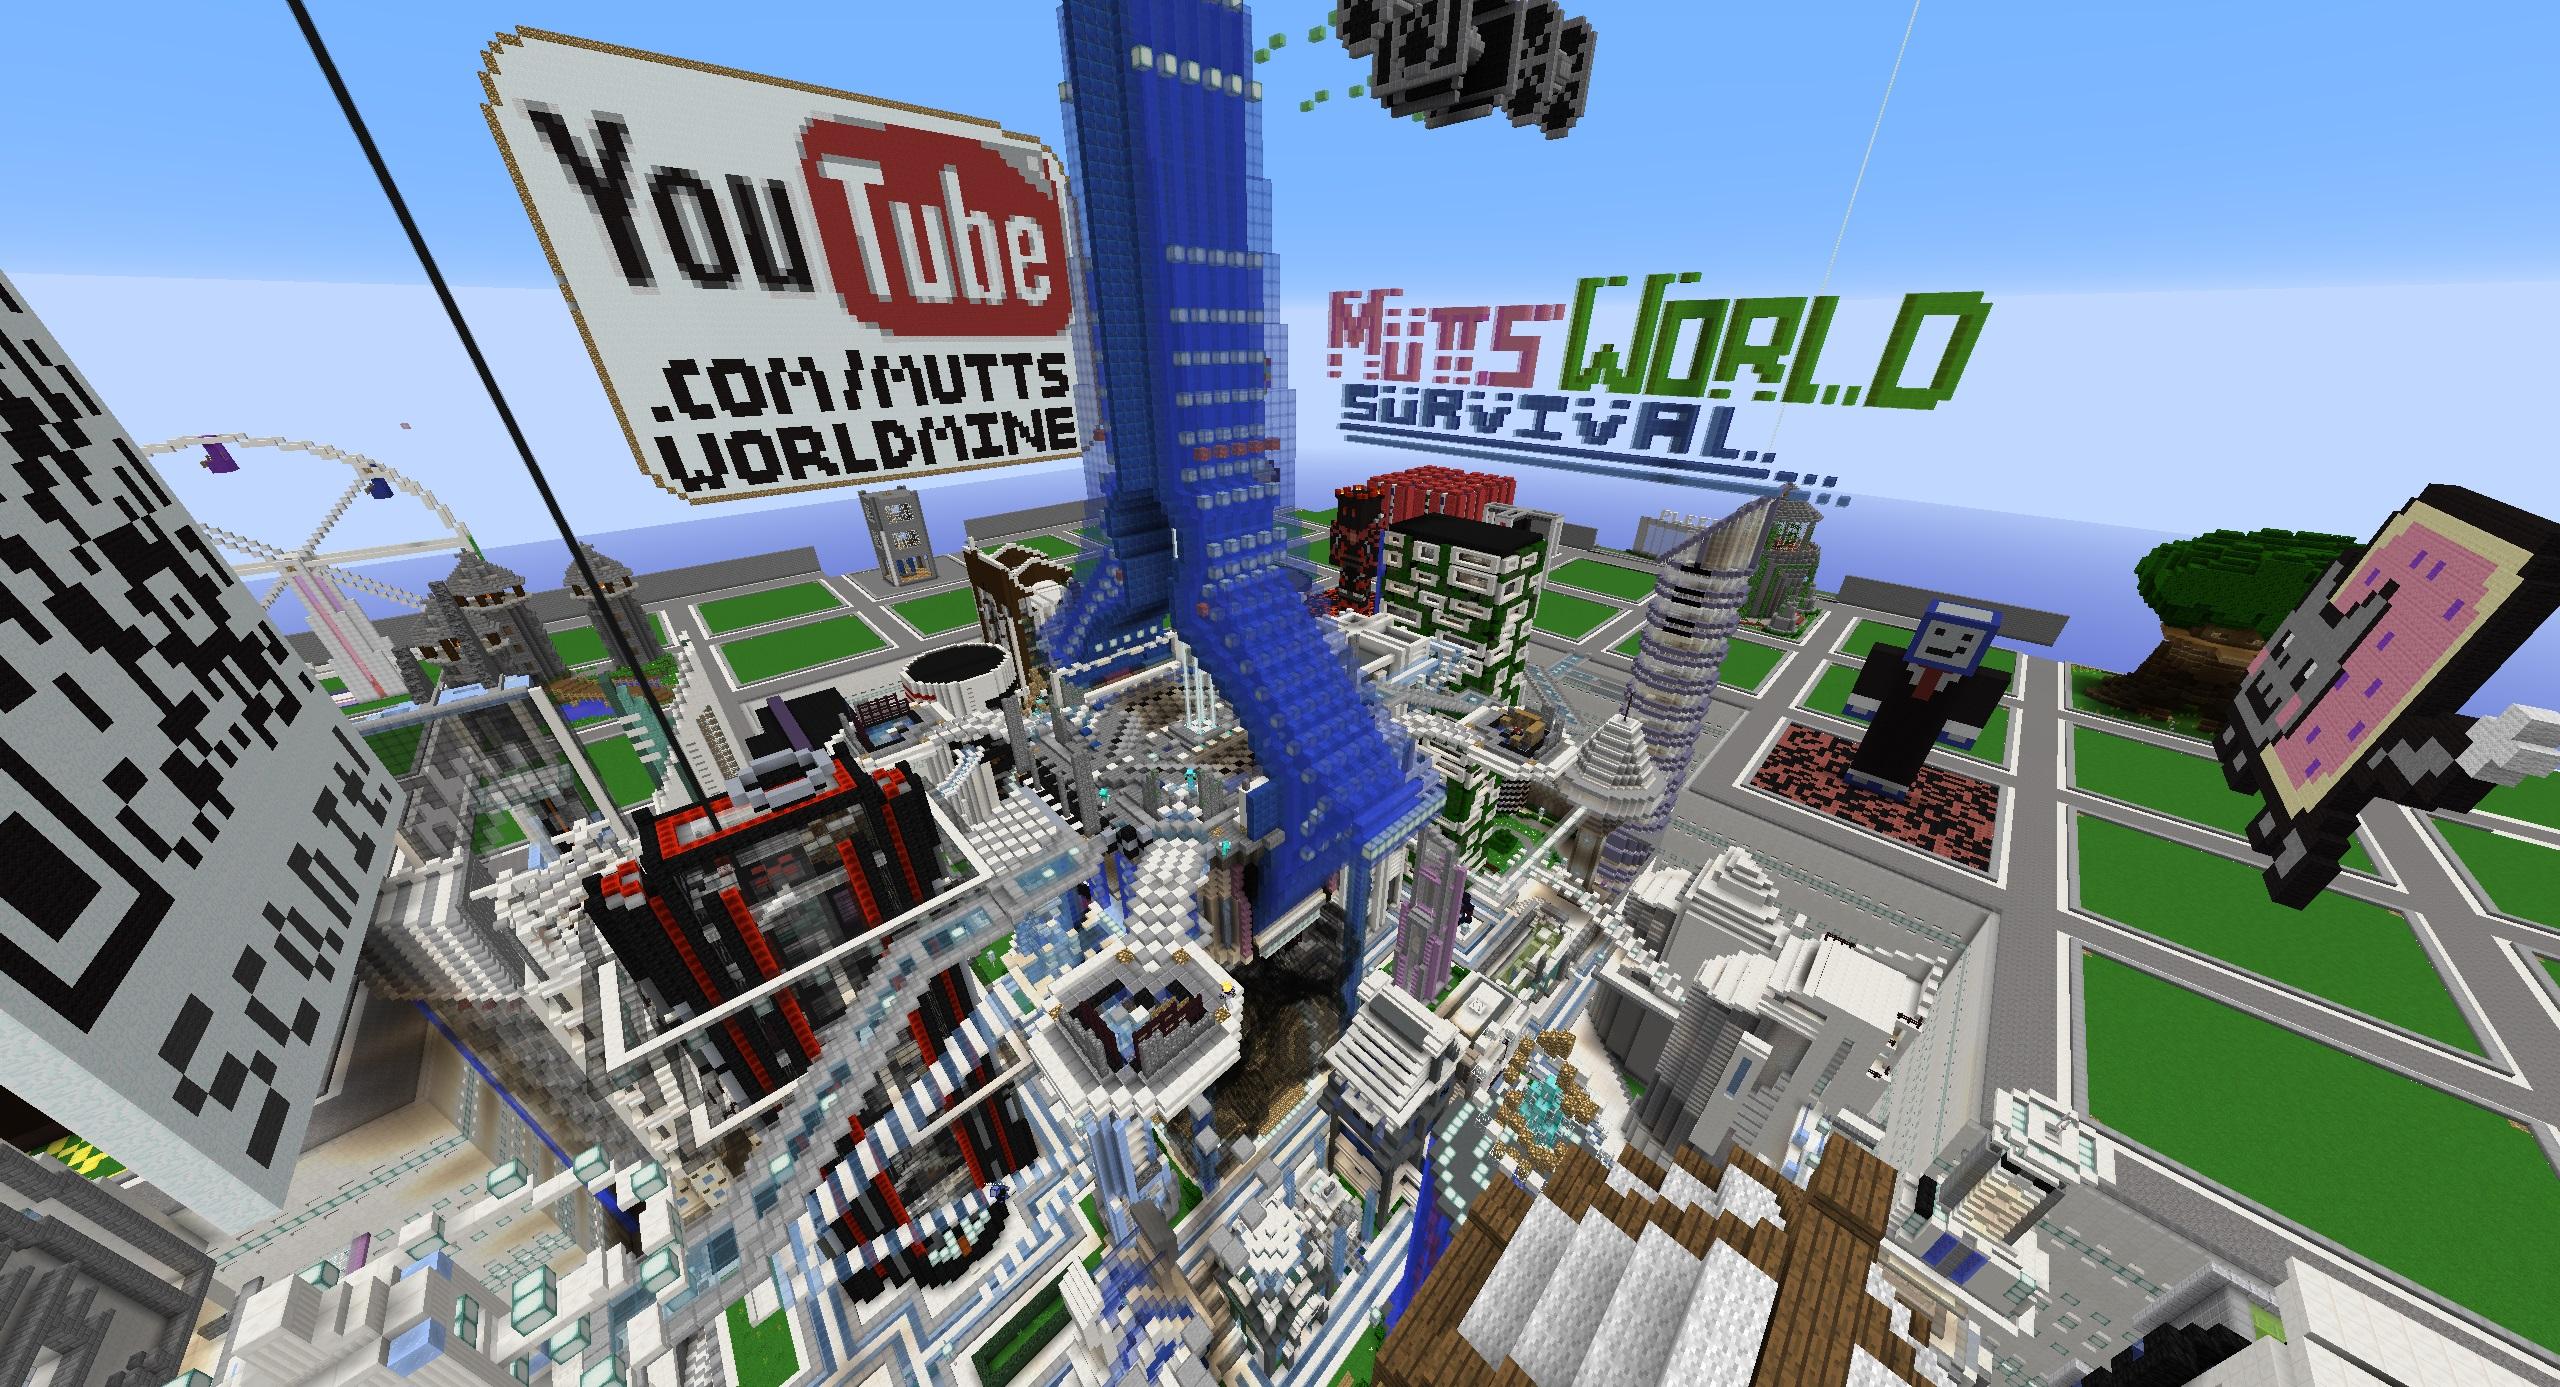 New Survival Spawn! - Minecraft - MuttsWorld - Minecraft